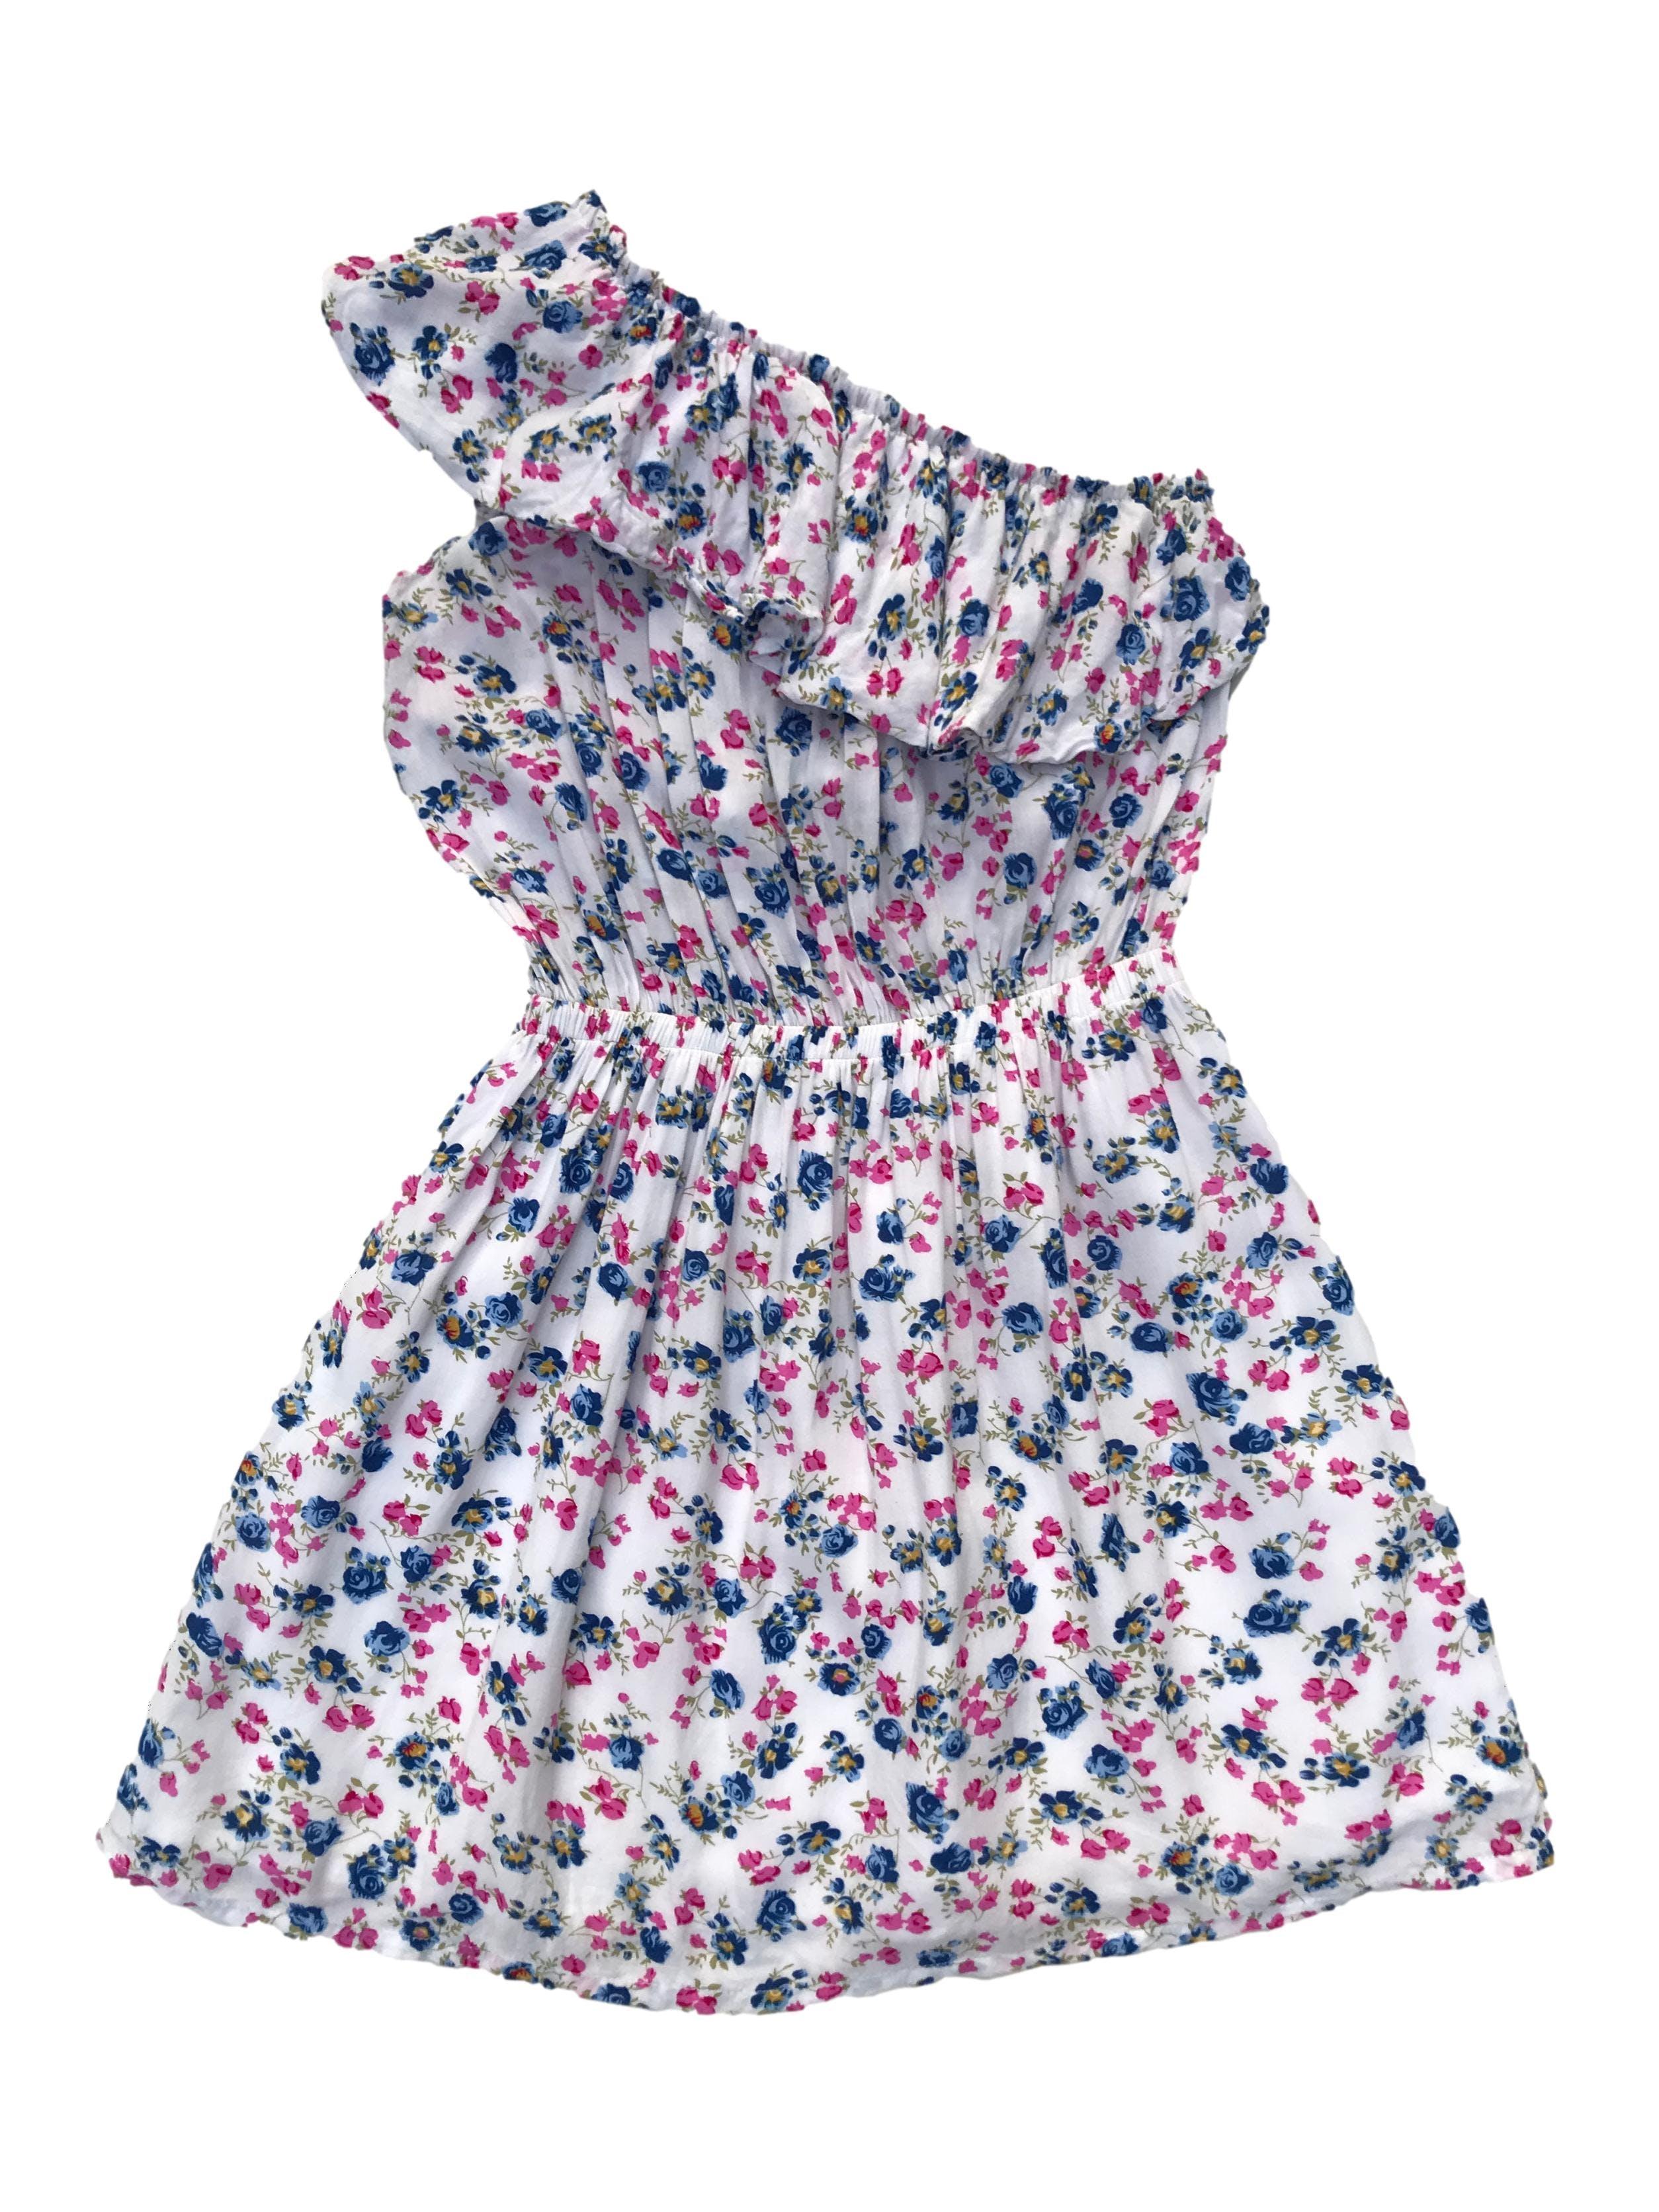 Vestido one shoulder de tela tipo algodón blanca con print de florcitas, volante en los hombros, elástico en la cintura y falda forrada. Largo 76cm